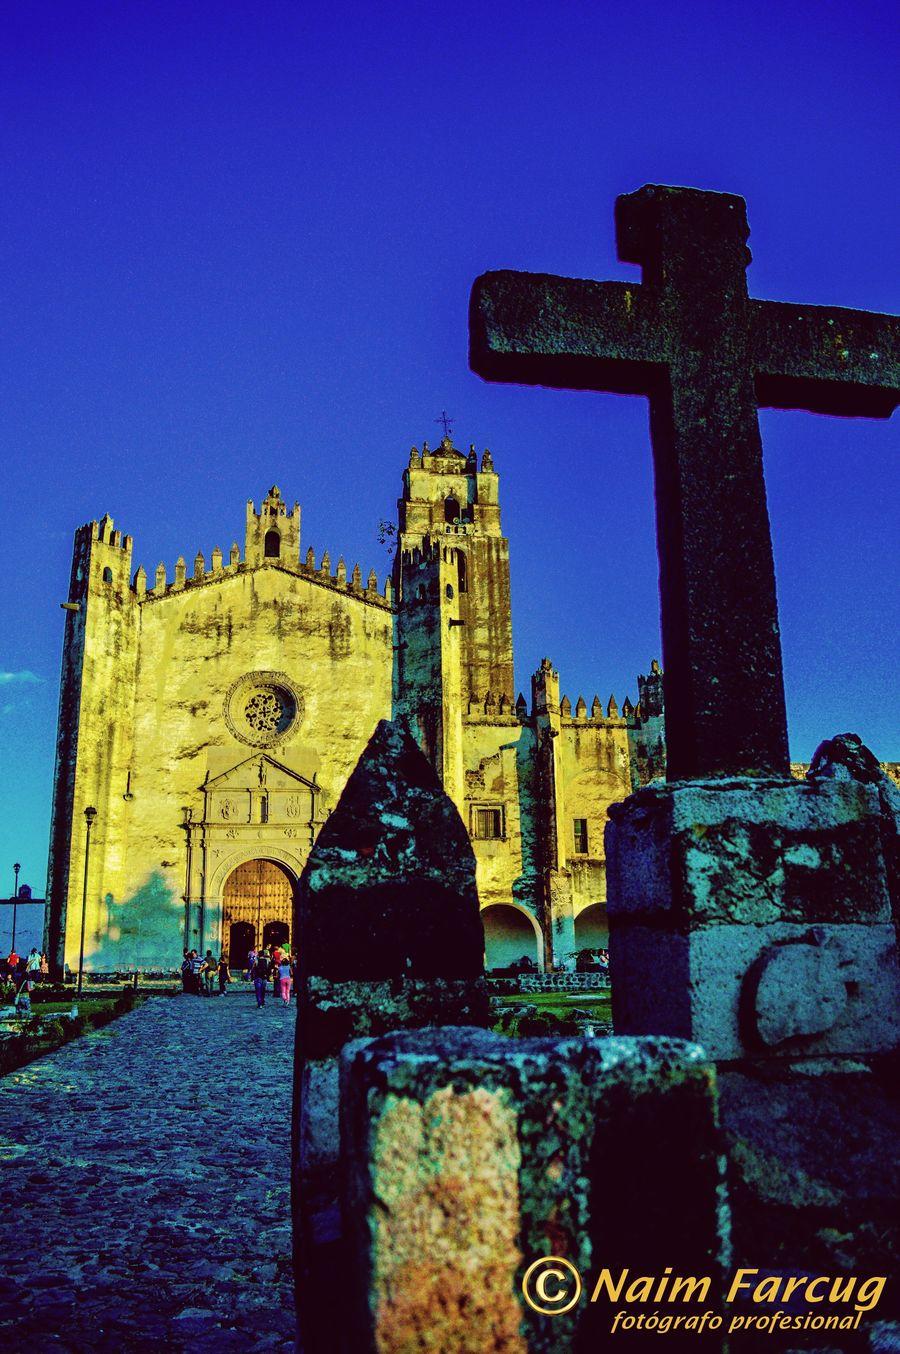 Cruz del atrio Ex Convento de San Juan Bautista en Yecapixtla, Morelos, México Nikon D3200 Gothic Colonial Architecture Mexico Yecapixtla Morelos Medieval Nikon Architecture Rutadelosconventos